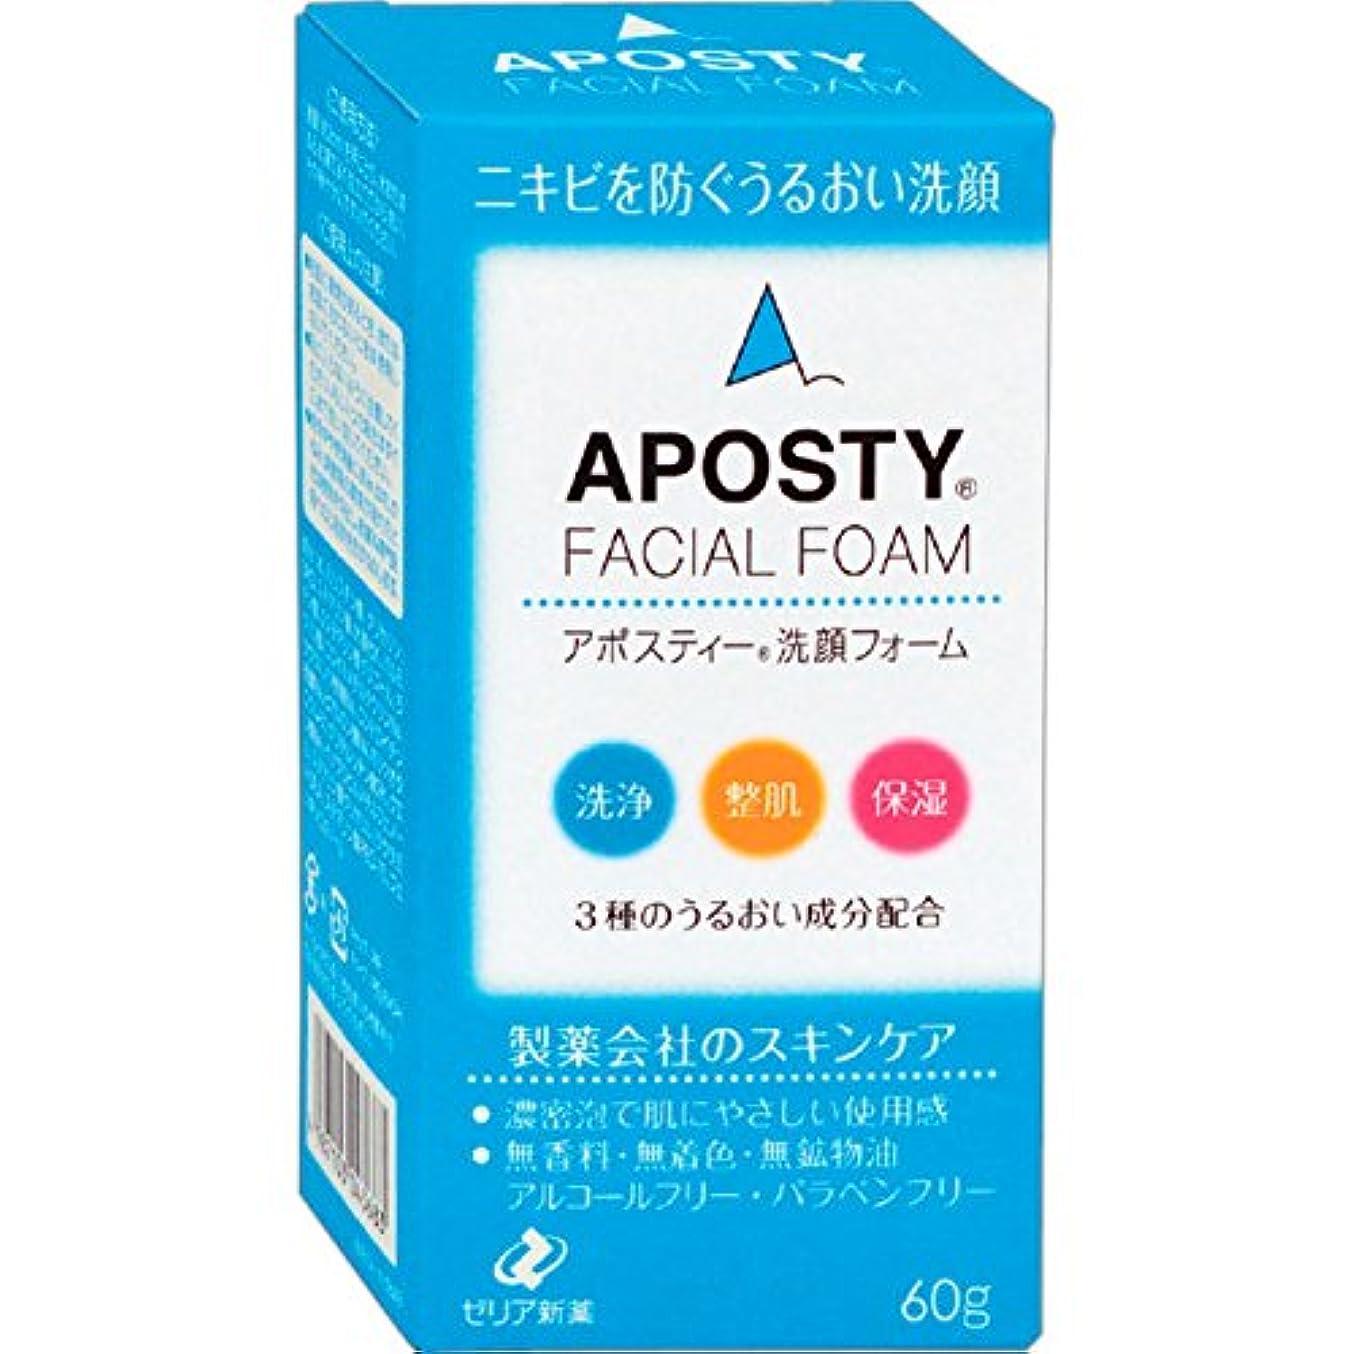 遵守する禁輸成長するゼリア新薬工業 アポスティー 洗顔フォーム 60g